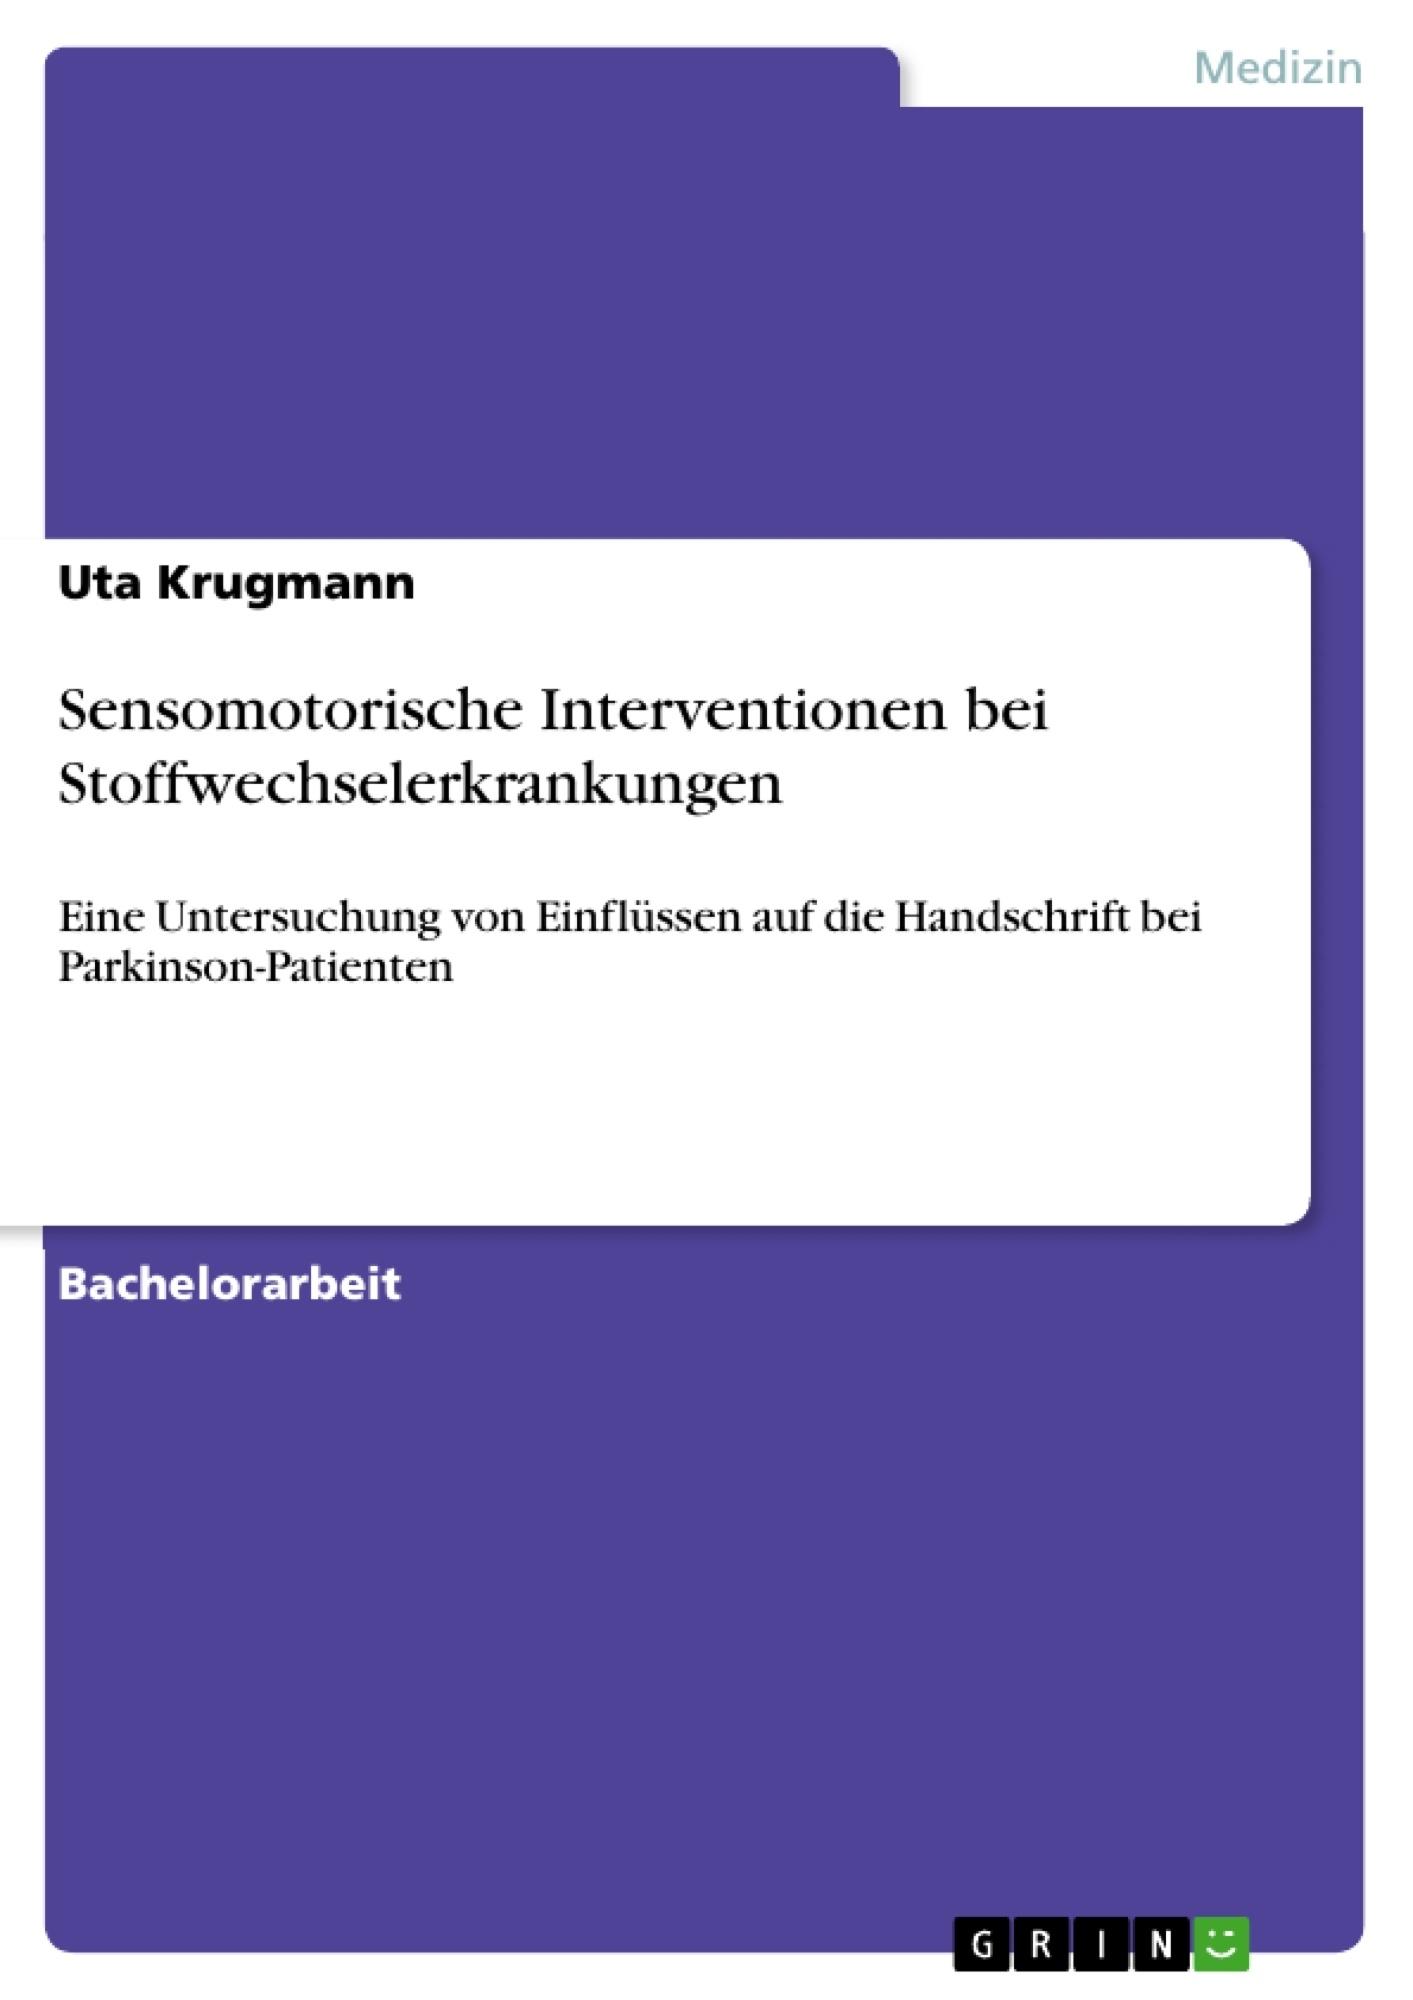 Titel: Sensomotorische Interventionen bei Stoffwechselerkrankungen